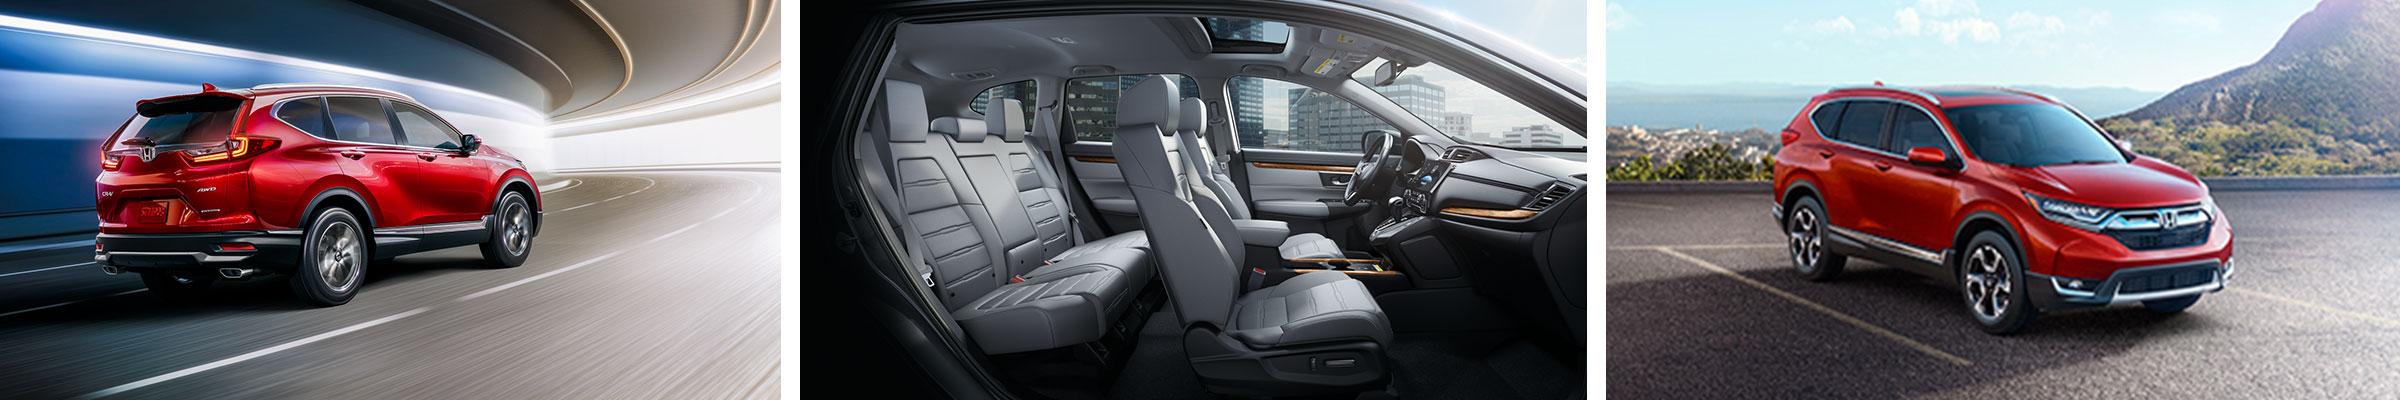 2021 Honda CR-V For Sale Baton Rouge LA | Denham Springs